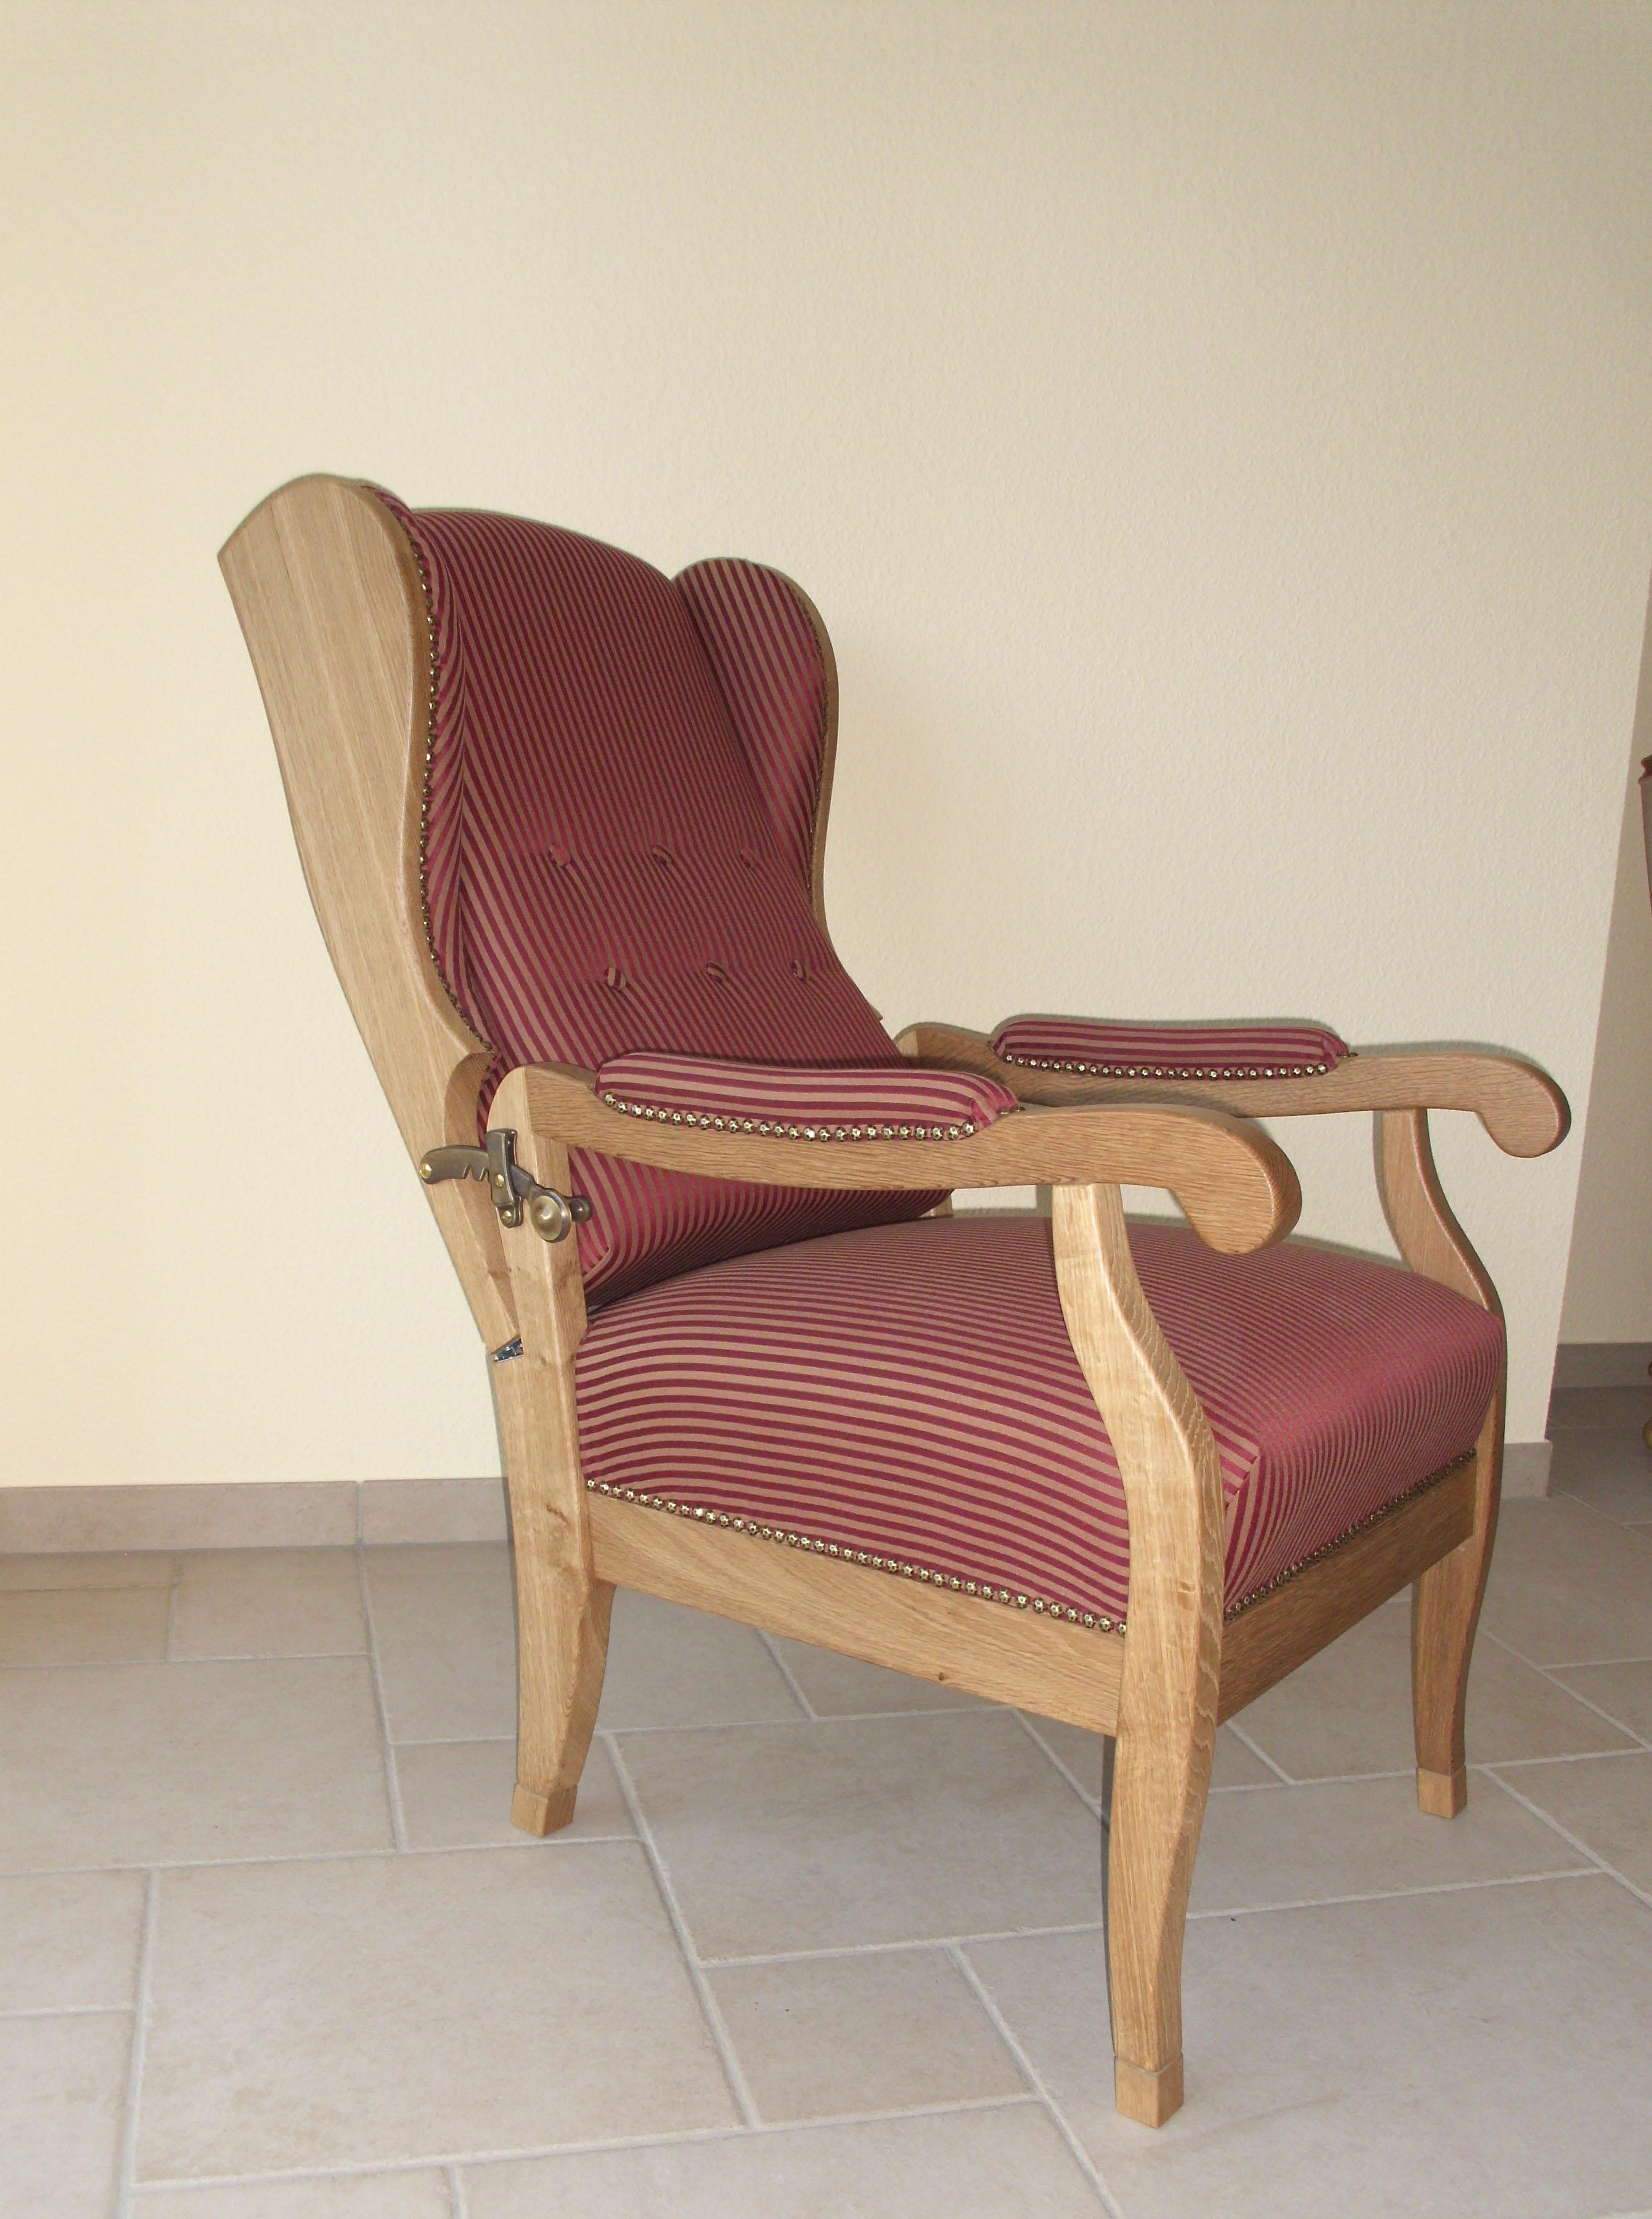 Restauration - Möbelwerkstatt Lorenz restauriert Ihre Möbel